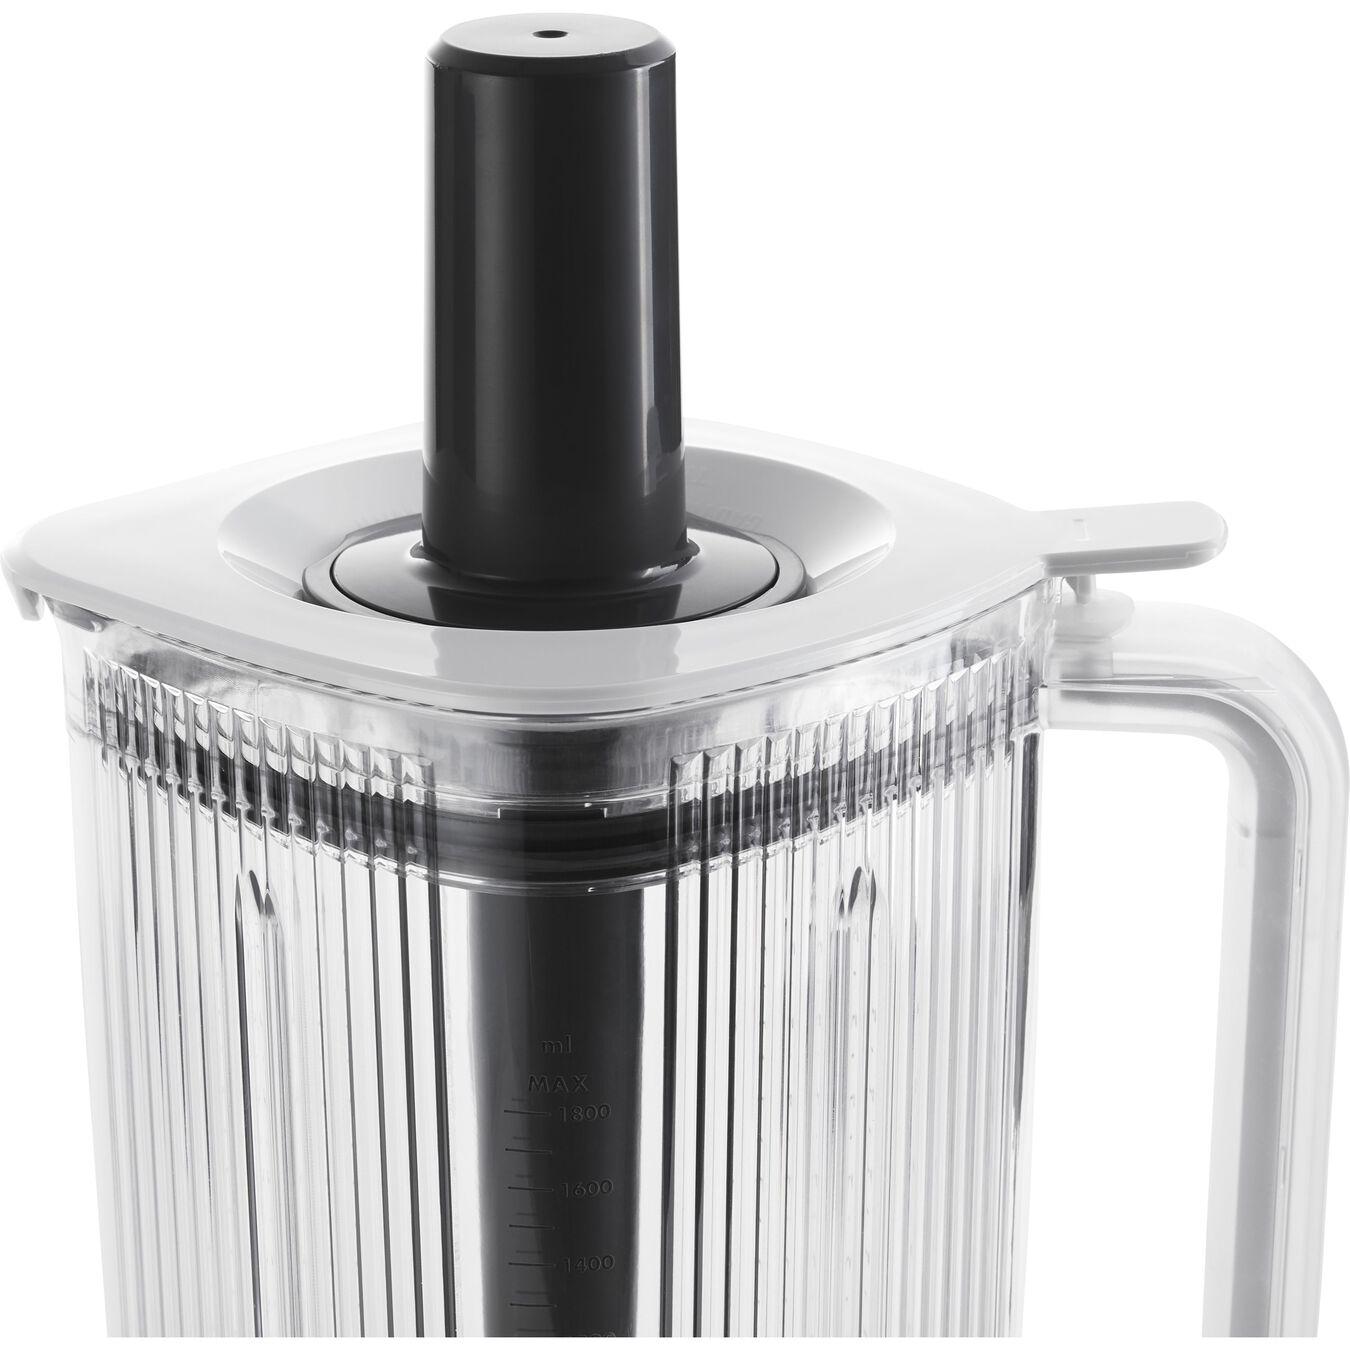 Power blender,,large 6